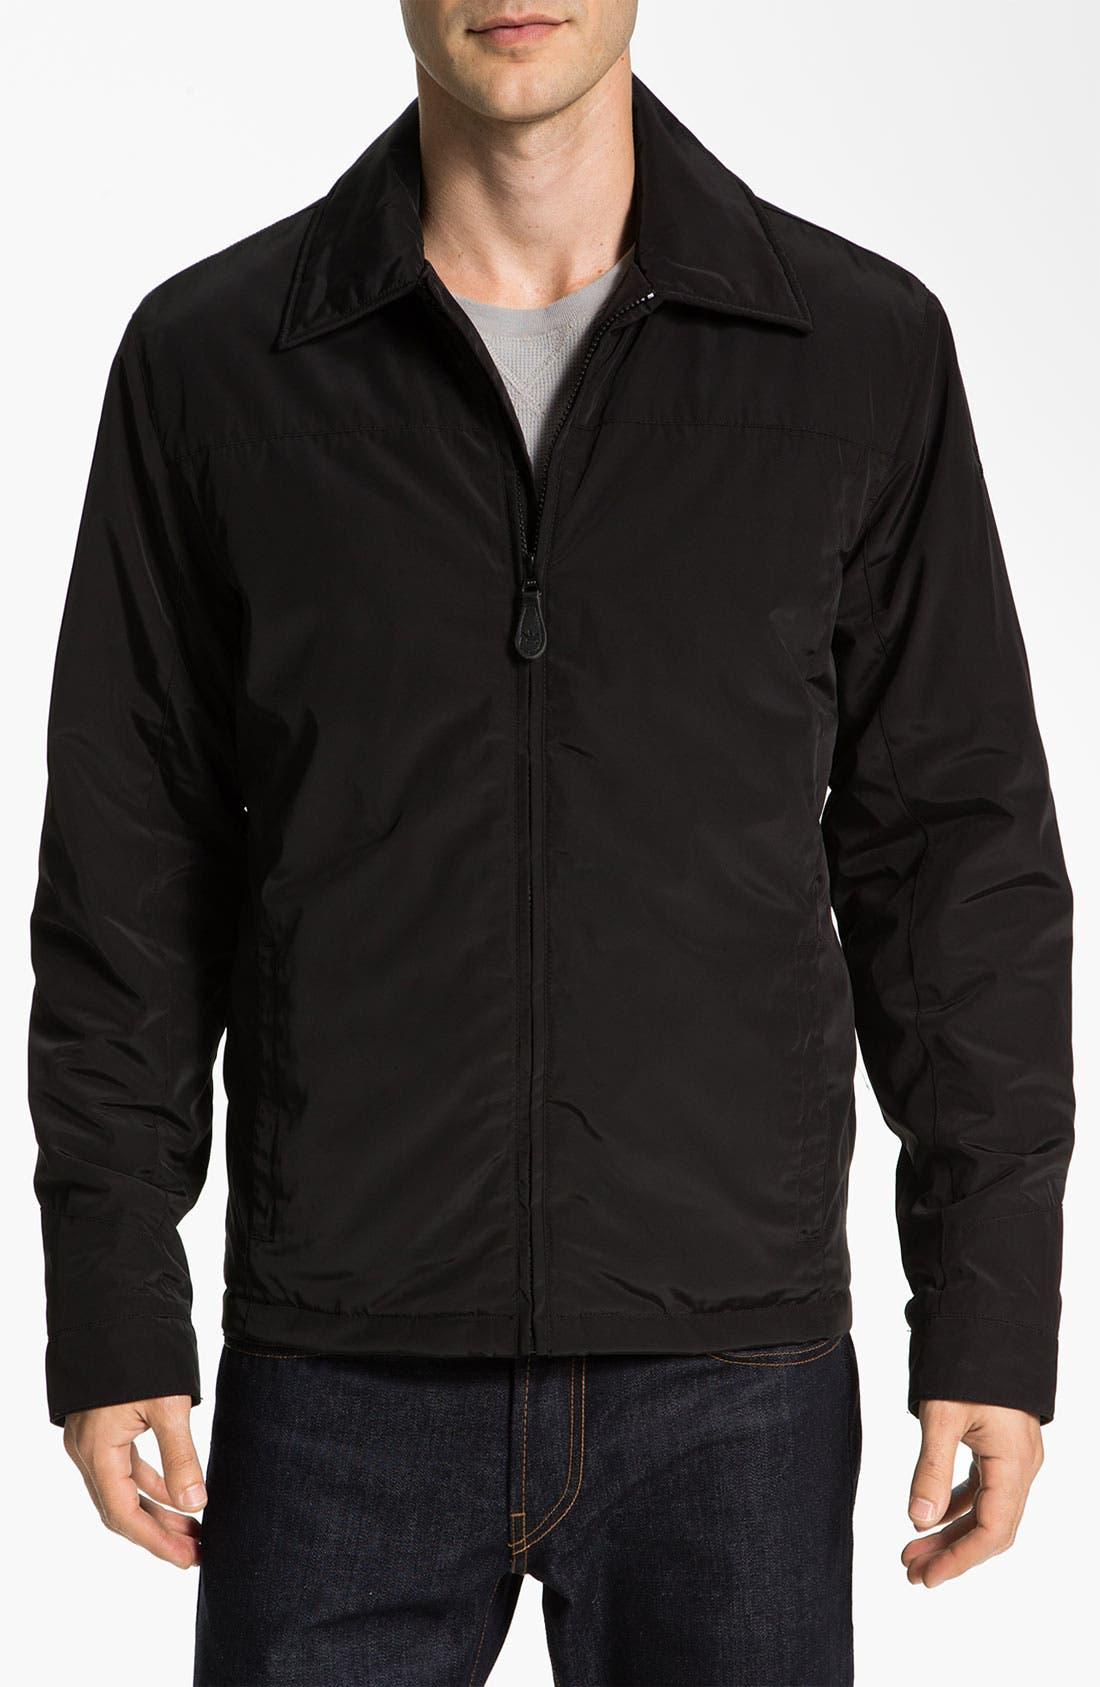 Alternate Image 1 Selected - Spiewak 'Forsyth' Jacket